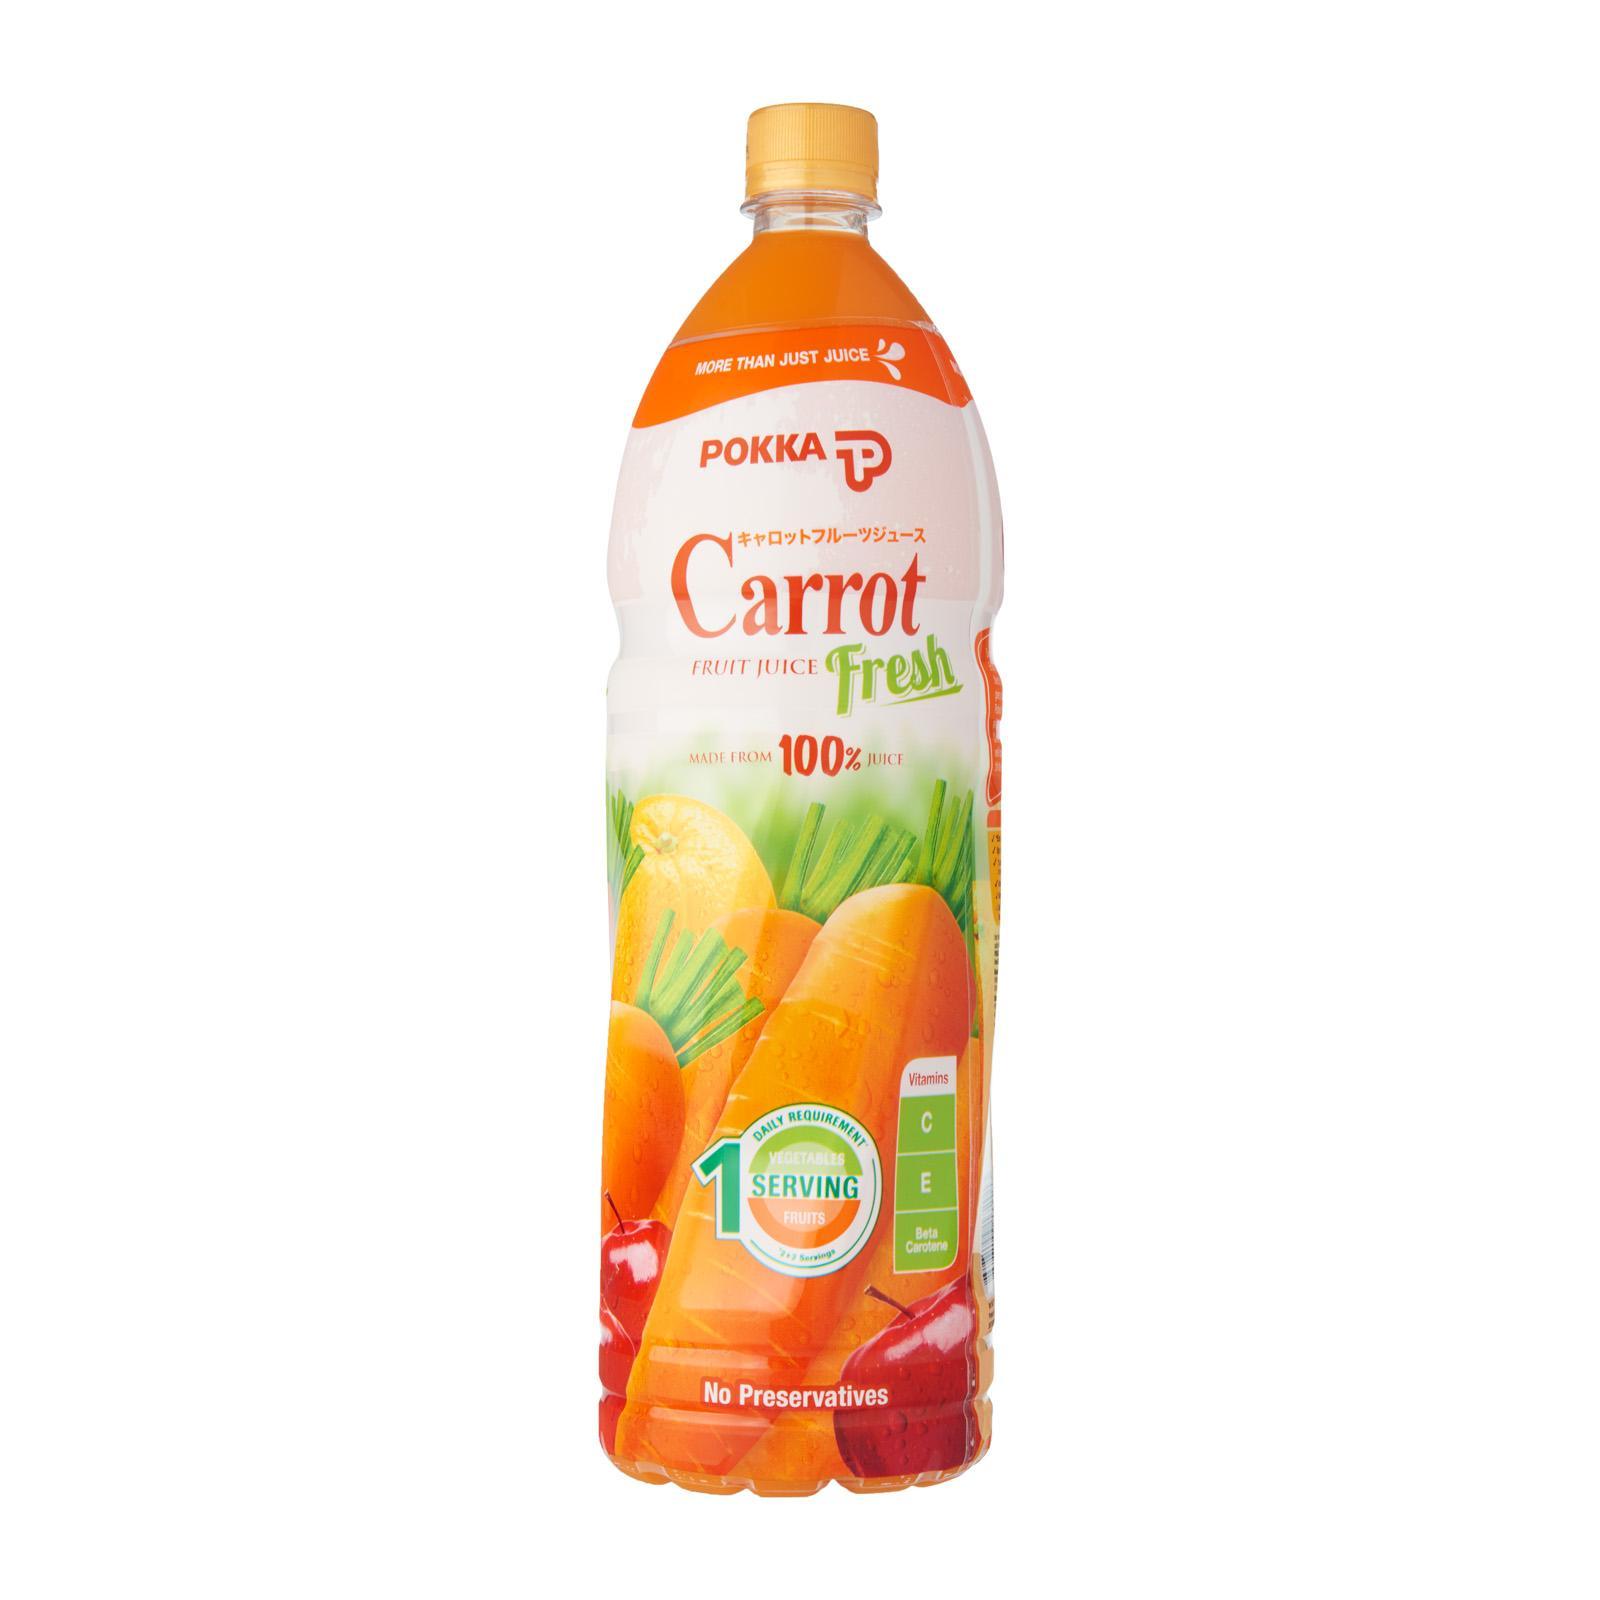 Pokka Carrot Juice By Redmart.